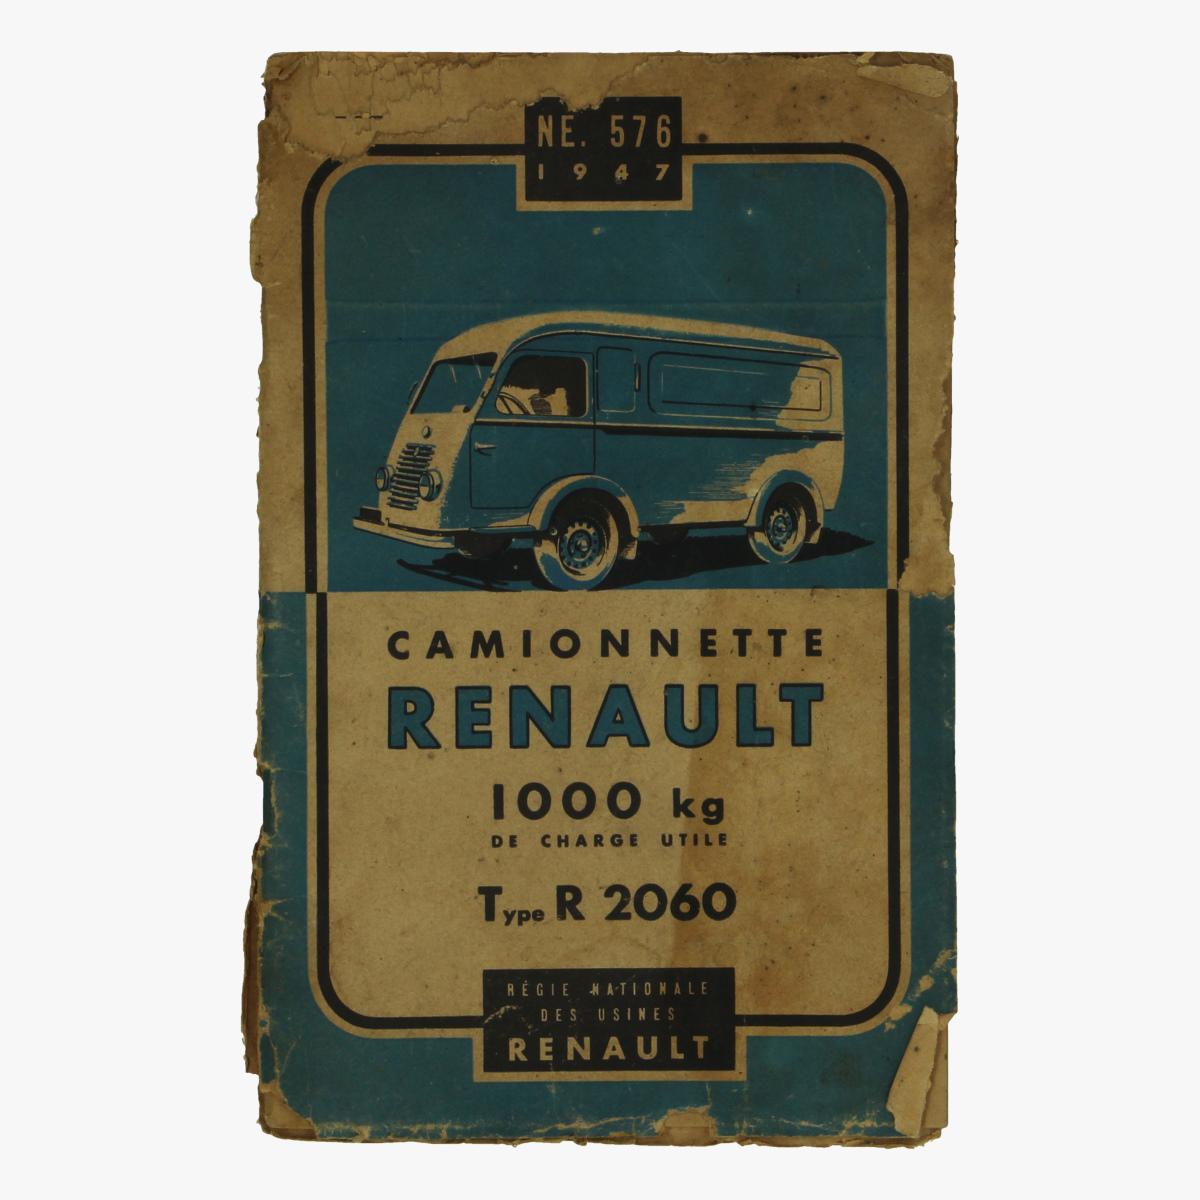 Afbeeldingen van camionnette renault 1947 regie nationale des usines